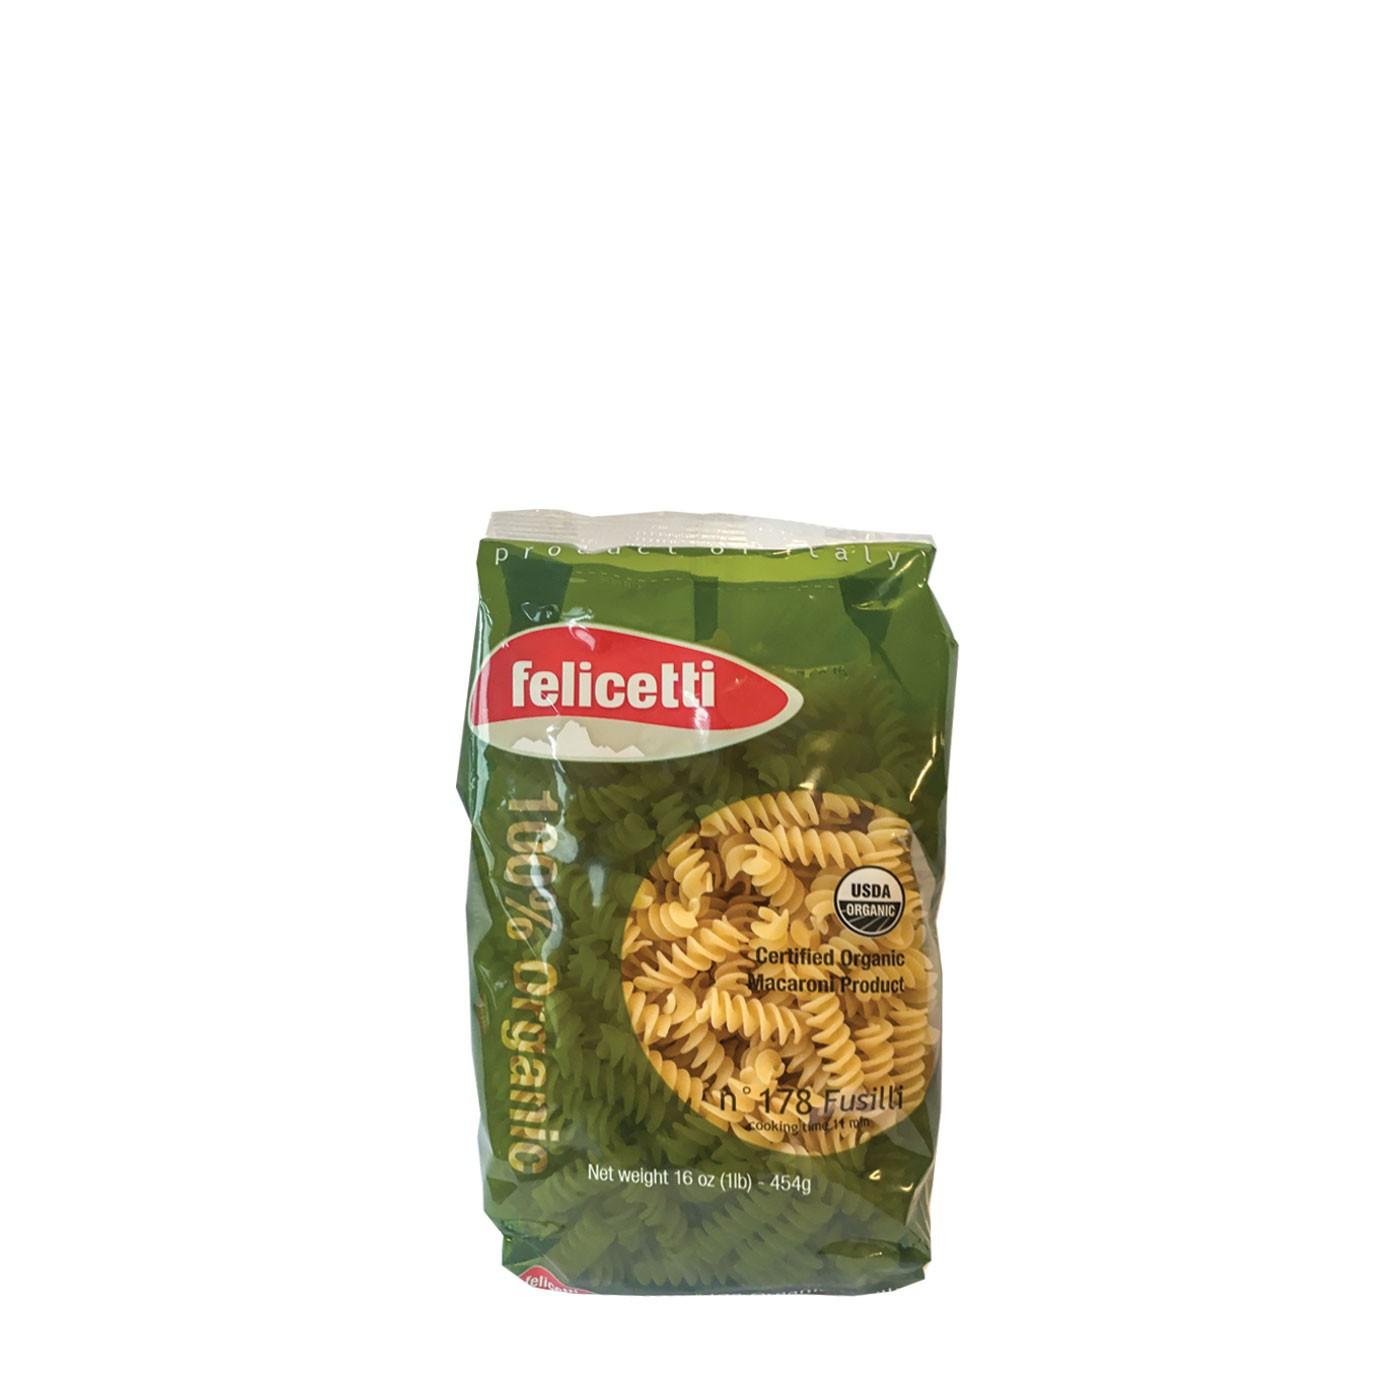 Fusilli Organic 16 oz